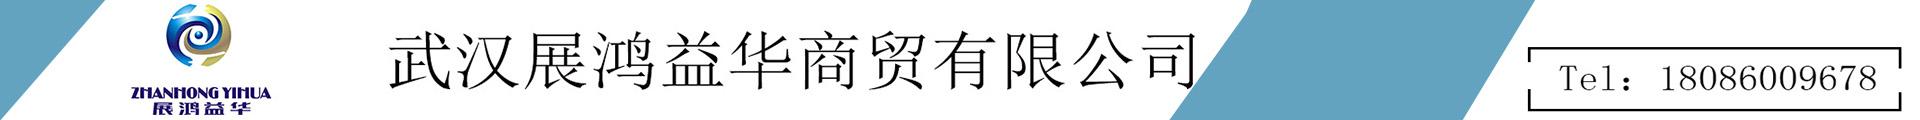 武汉展鸿益华商贸有限公司